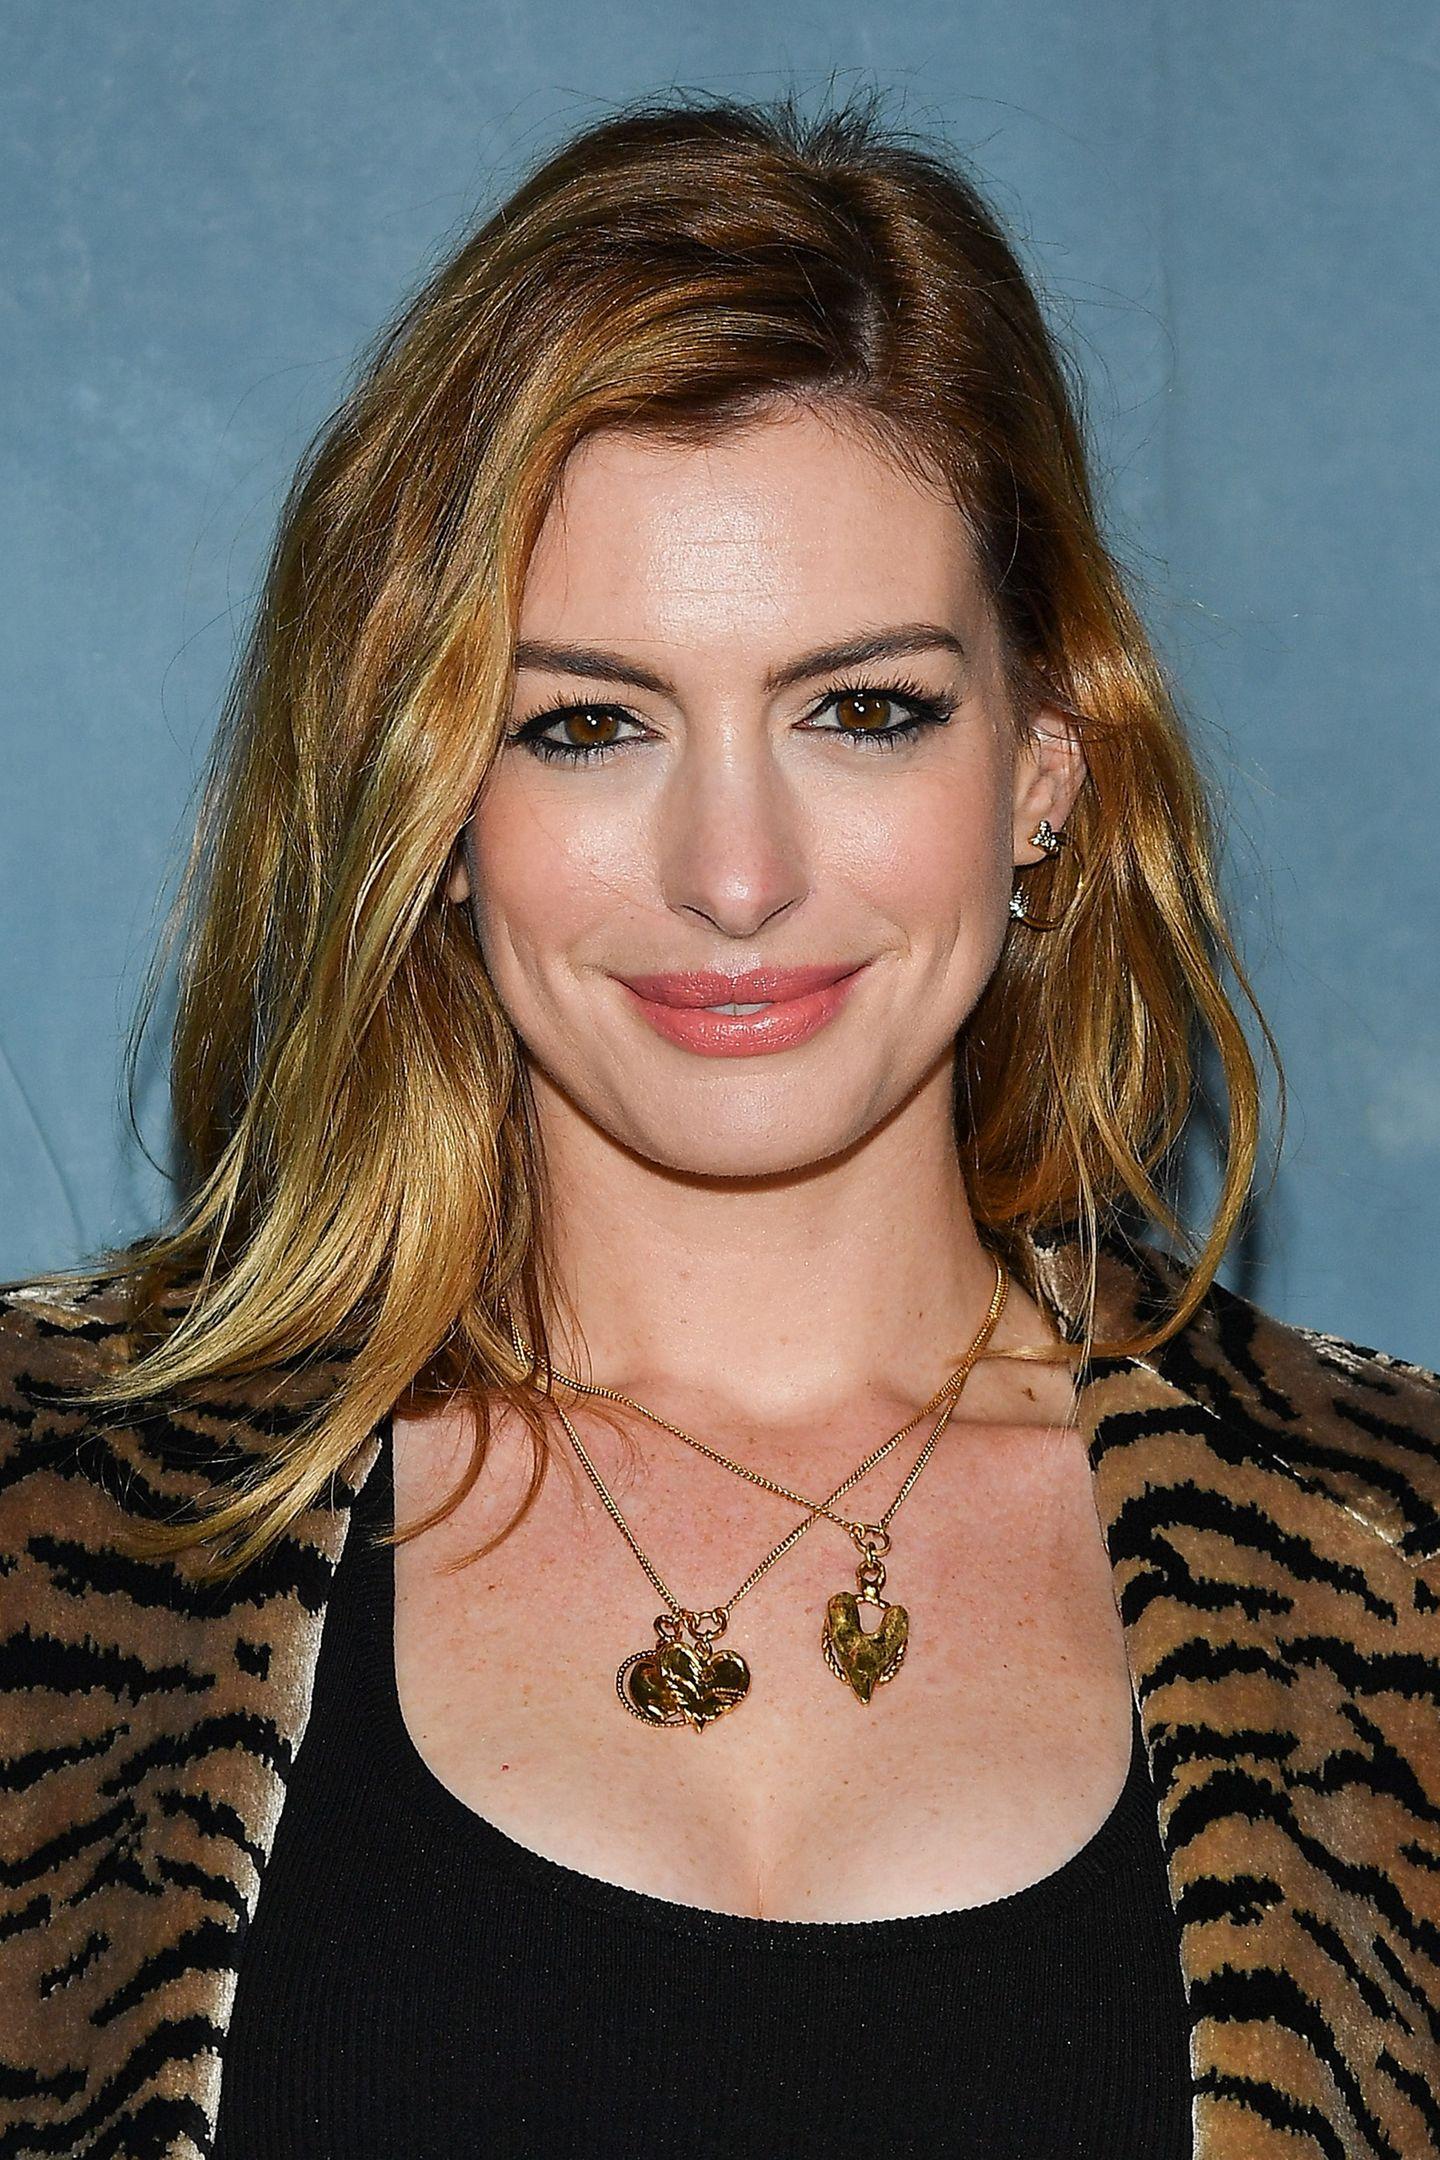 Dunkelblonde und braune Mischtöne trug Anne Hathaway zum Beispiel noch im September 2018 während der Fashion Week in Paris.